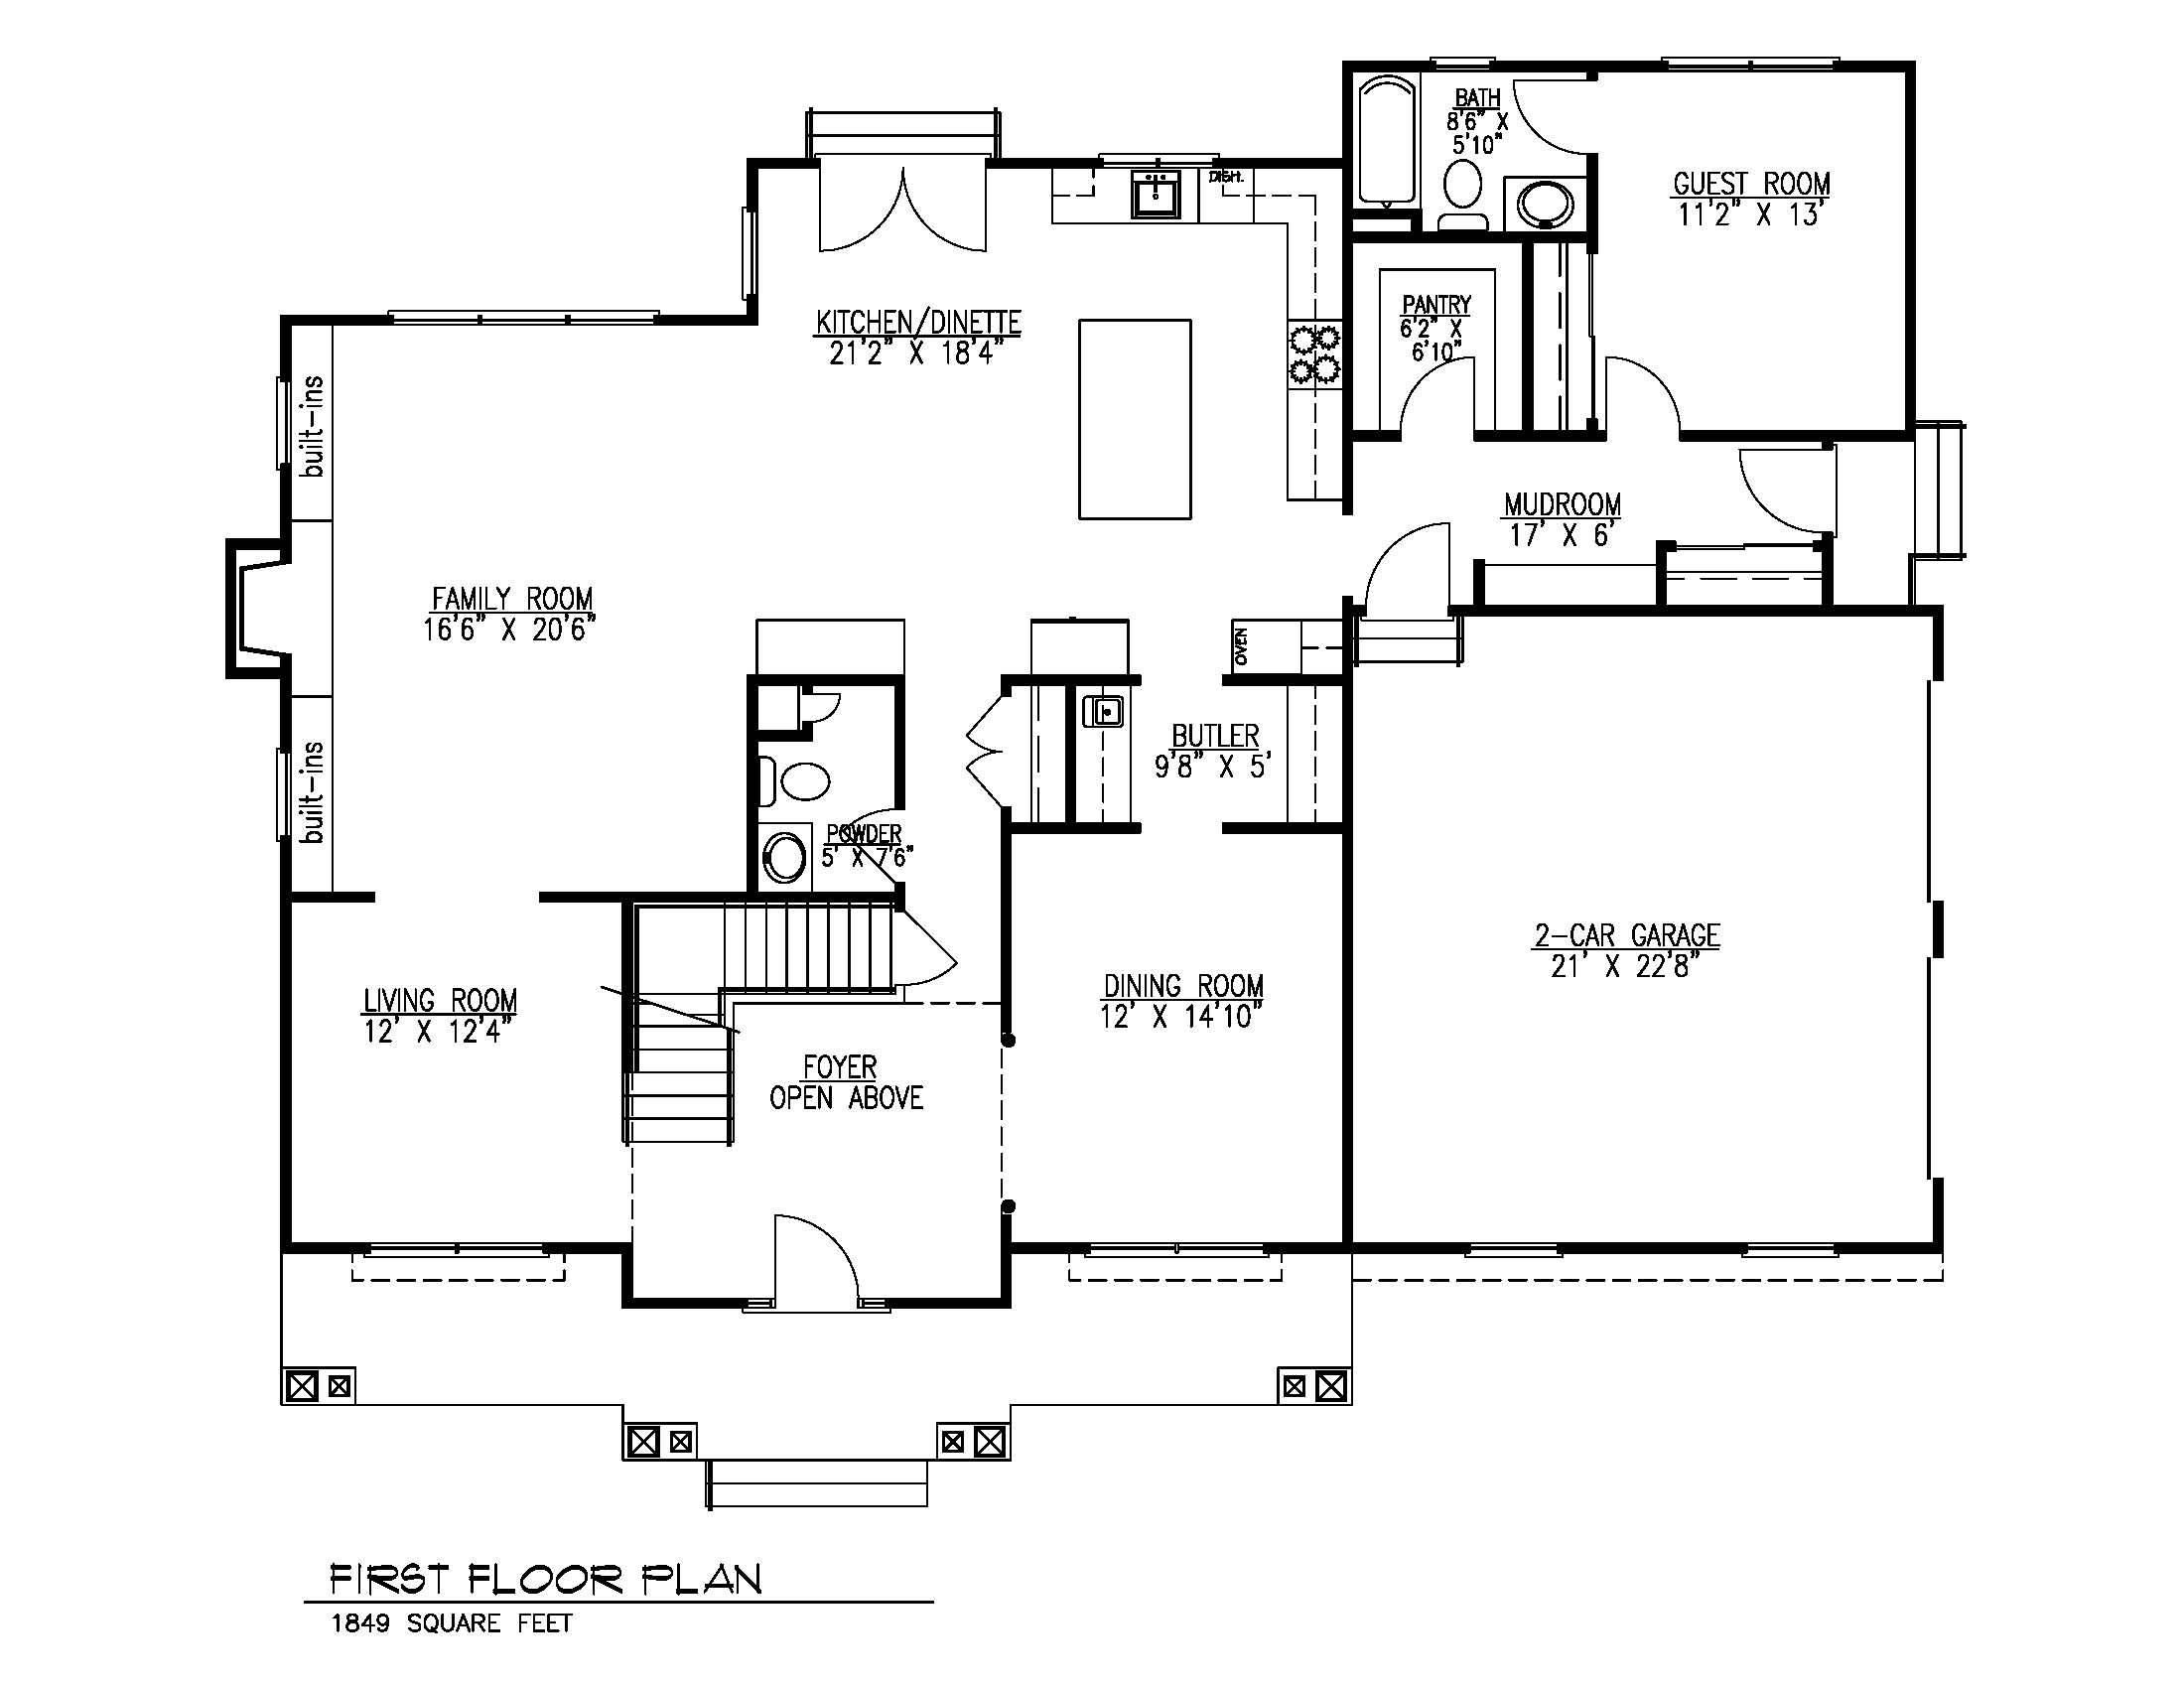 407 Quantuck First Floor Plan B&W